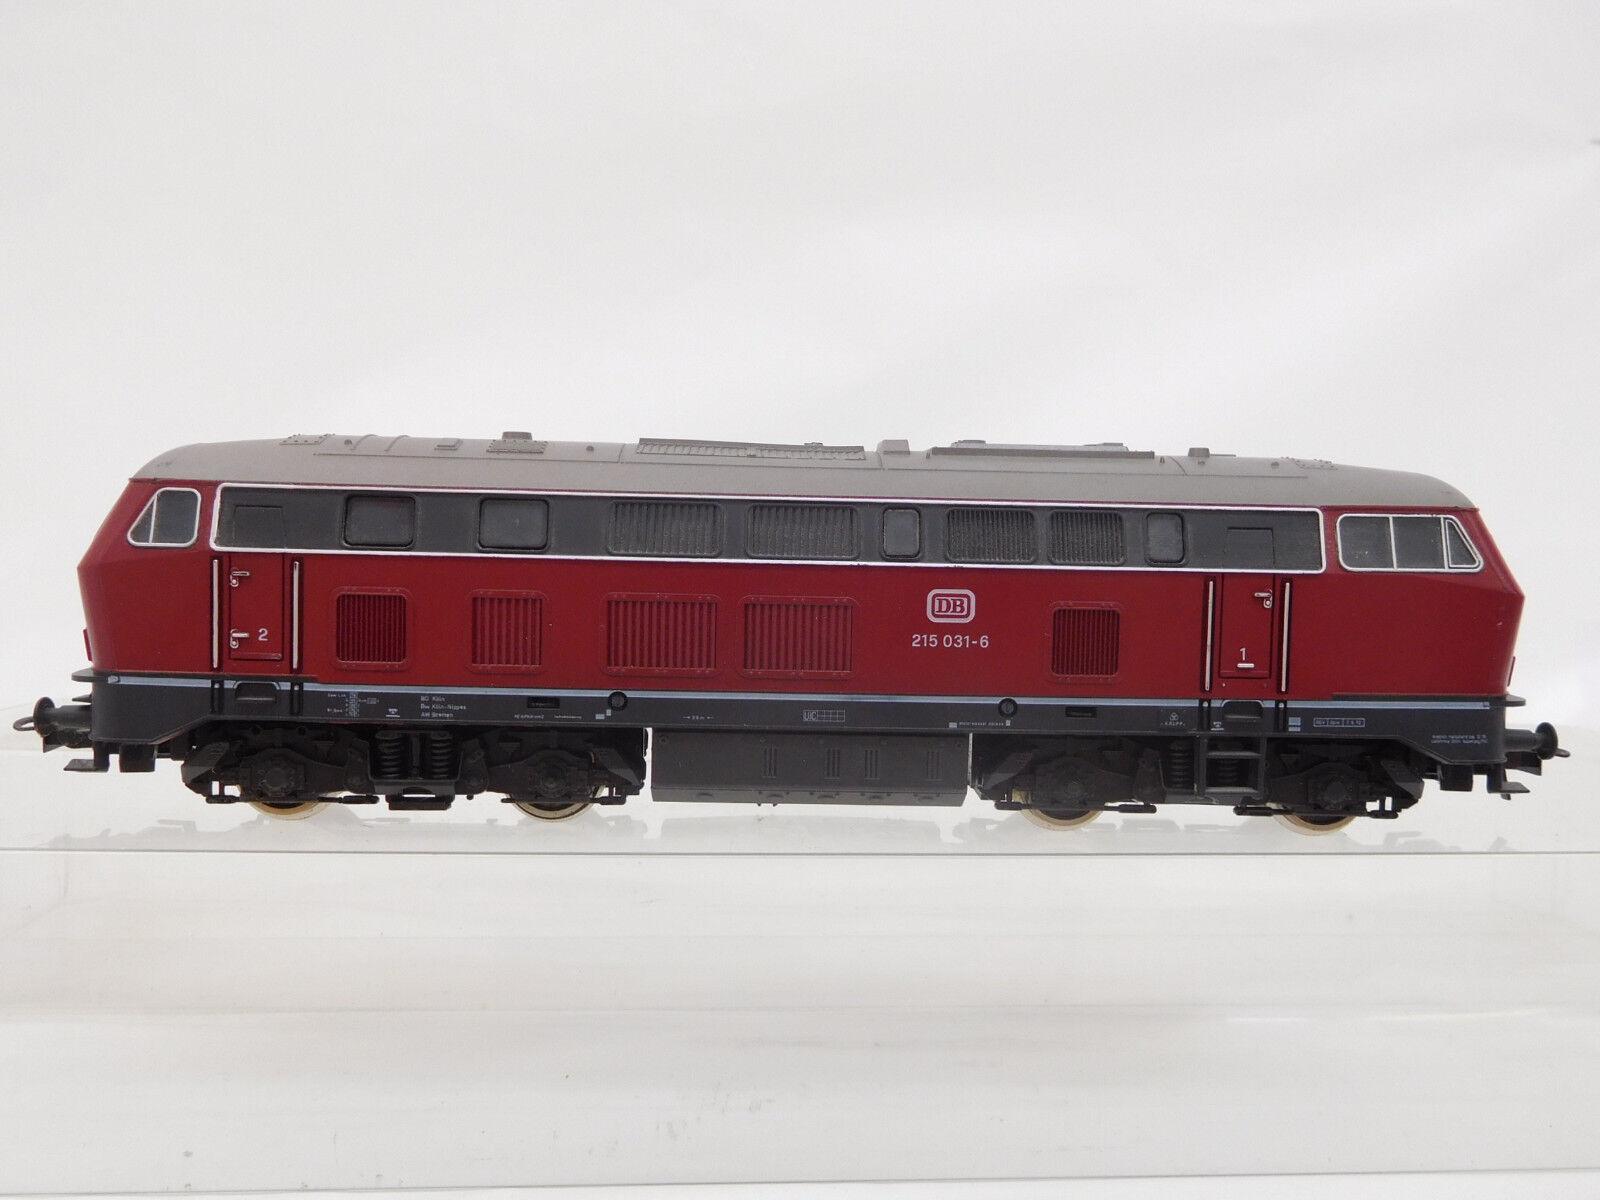 Mes-51068 ROCO h0 DIESEL DB 215 031-6 con minimi segni di usura,